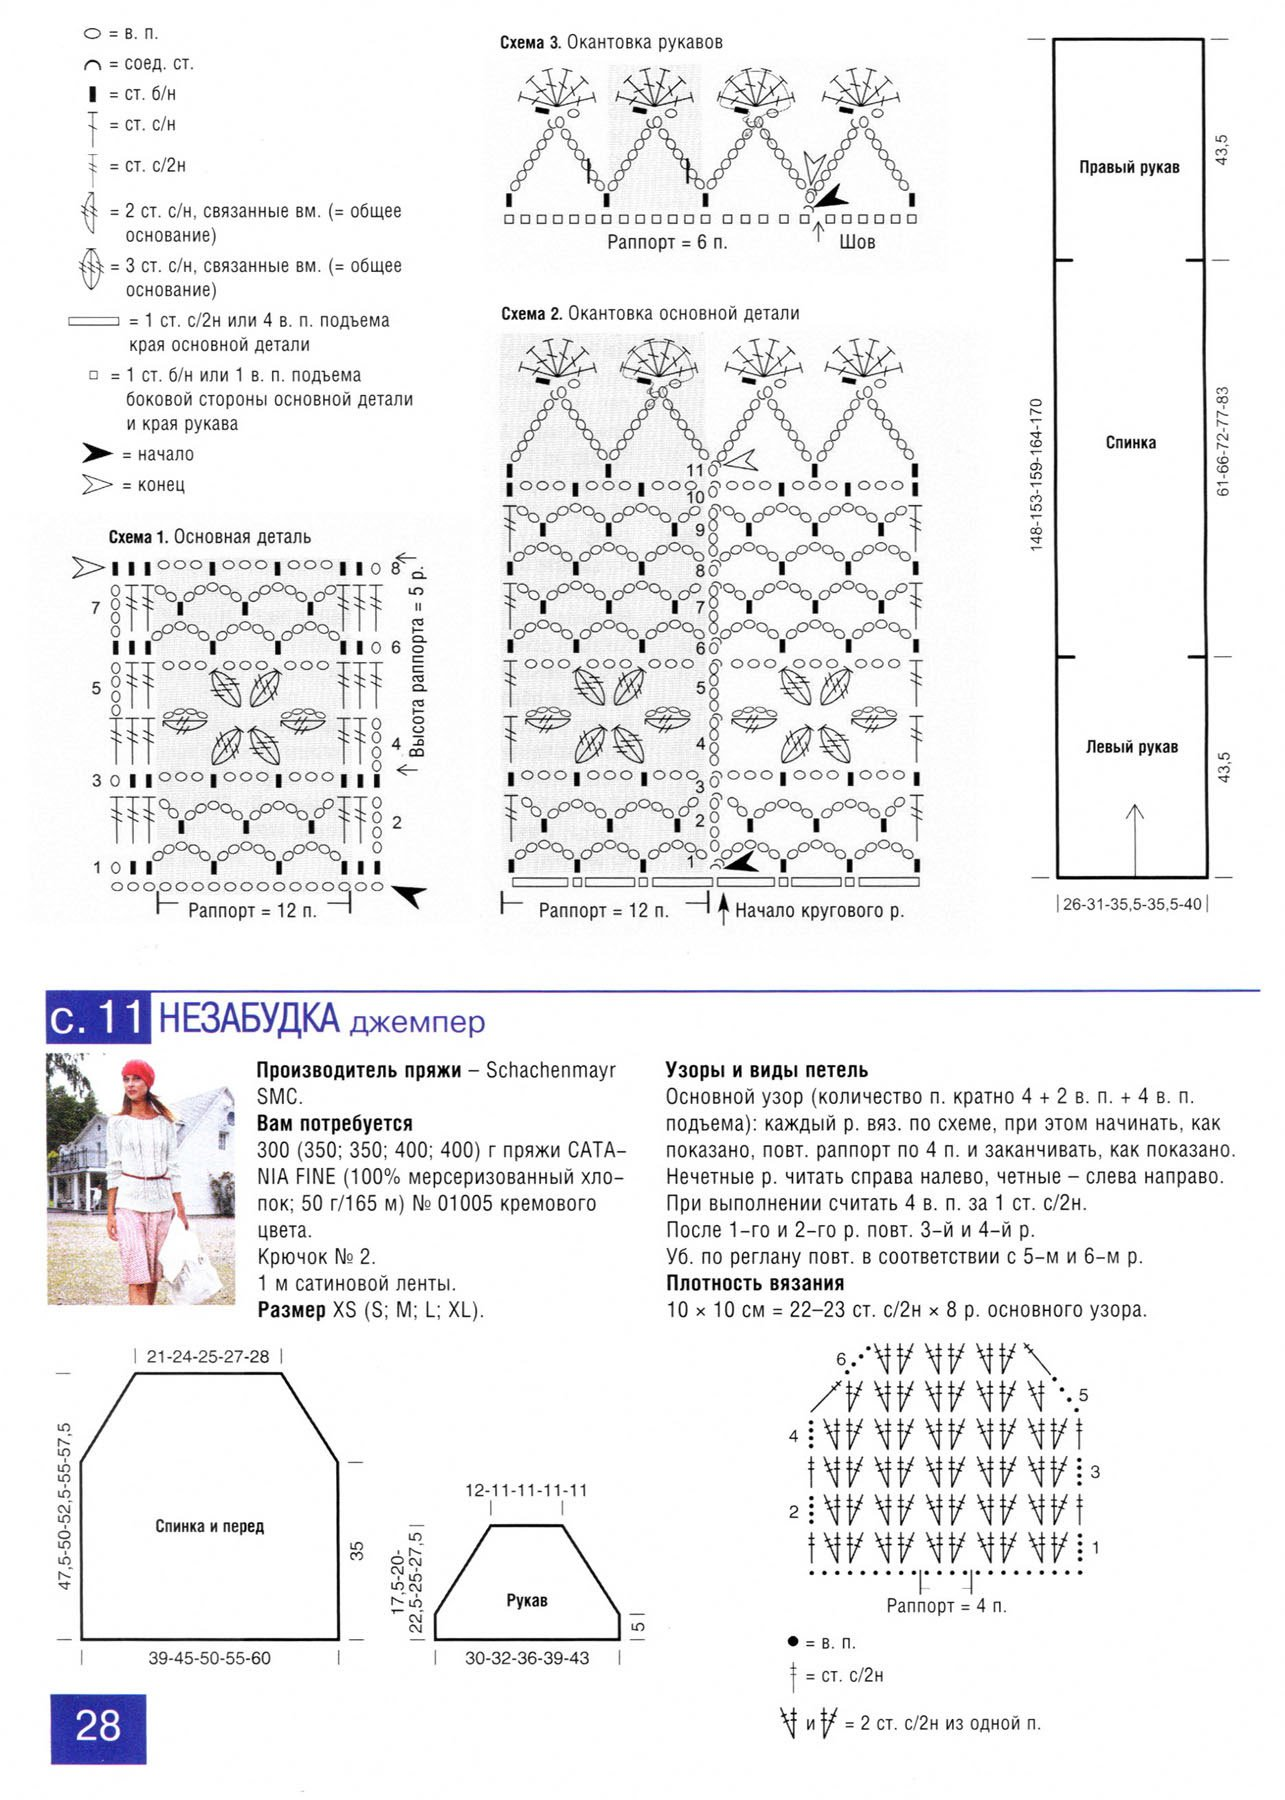 32-花语1.jpg